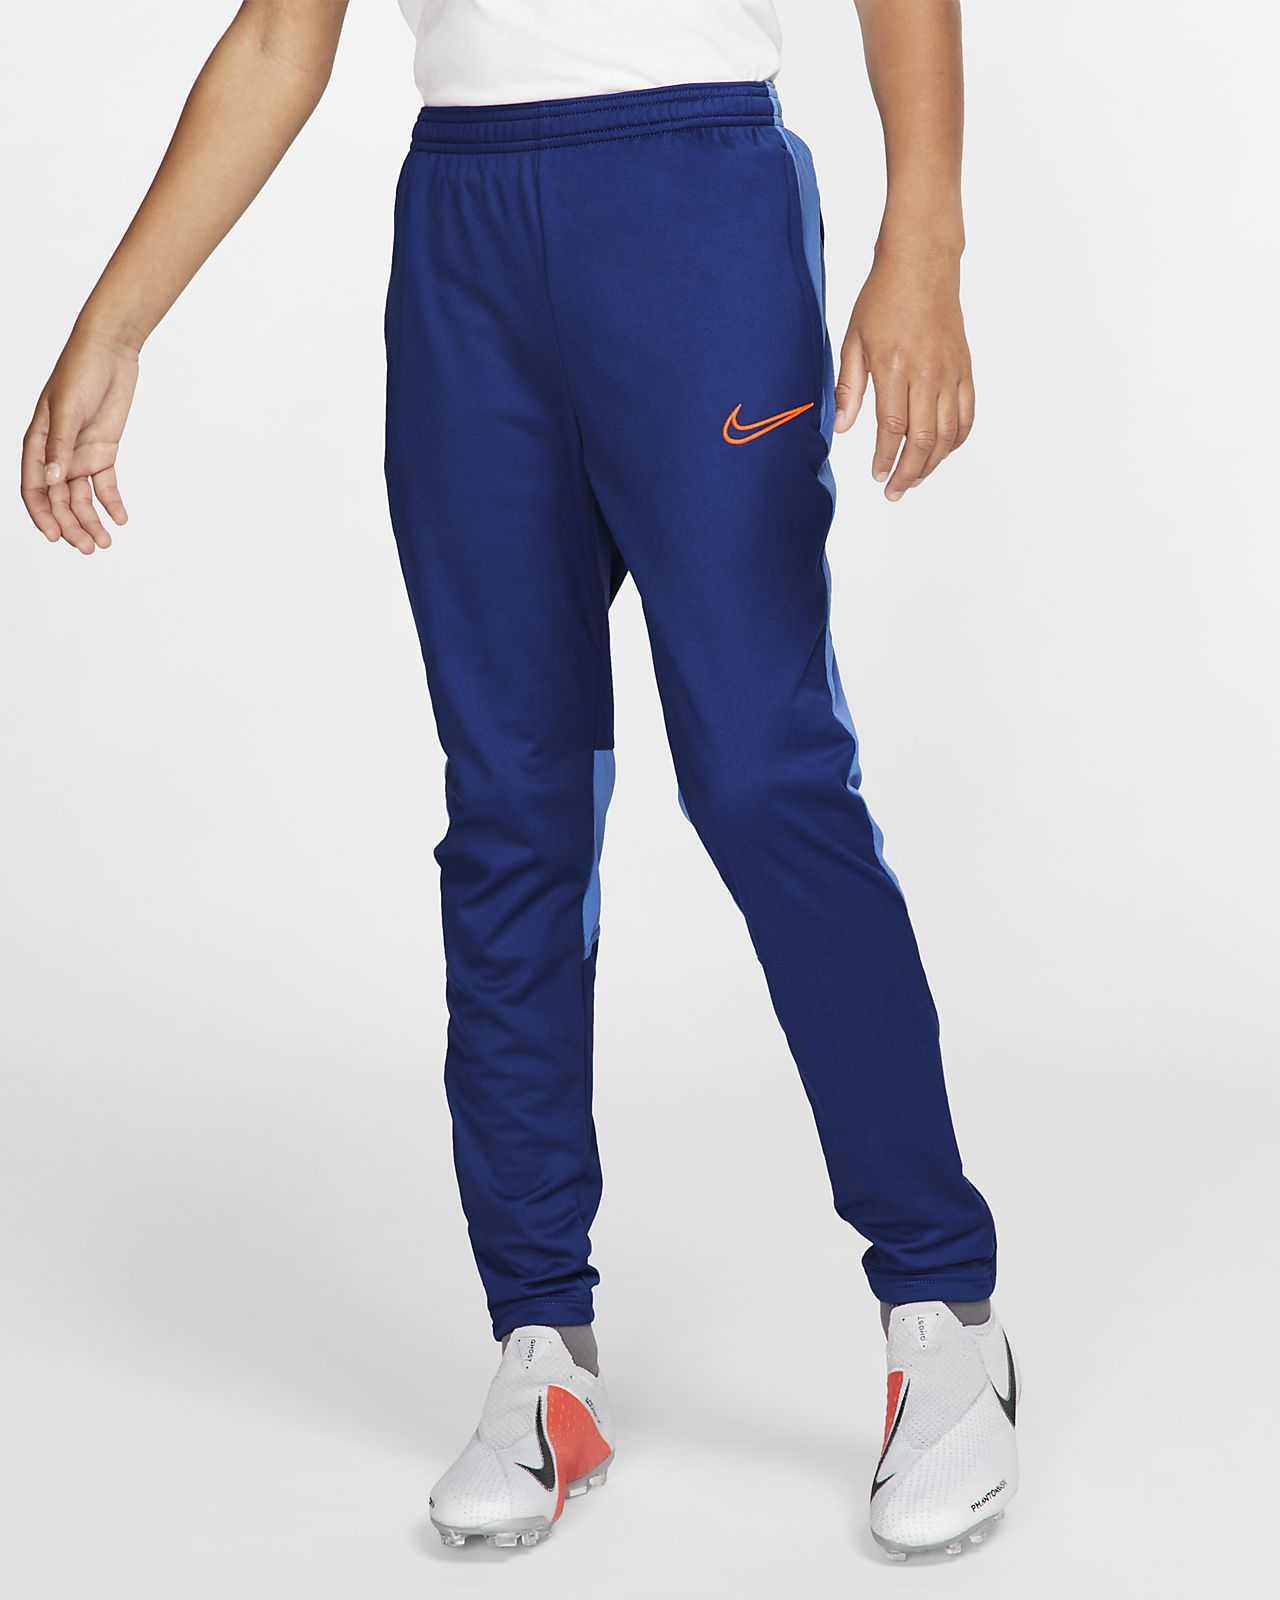 Ποδοσφαιρικό παντελόνι Nike Dri-FIT Academy για μεγάλα παιδιά